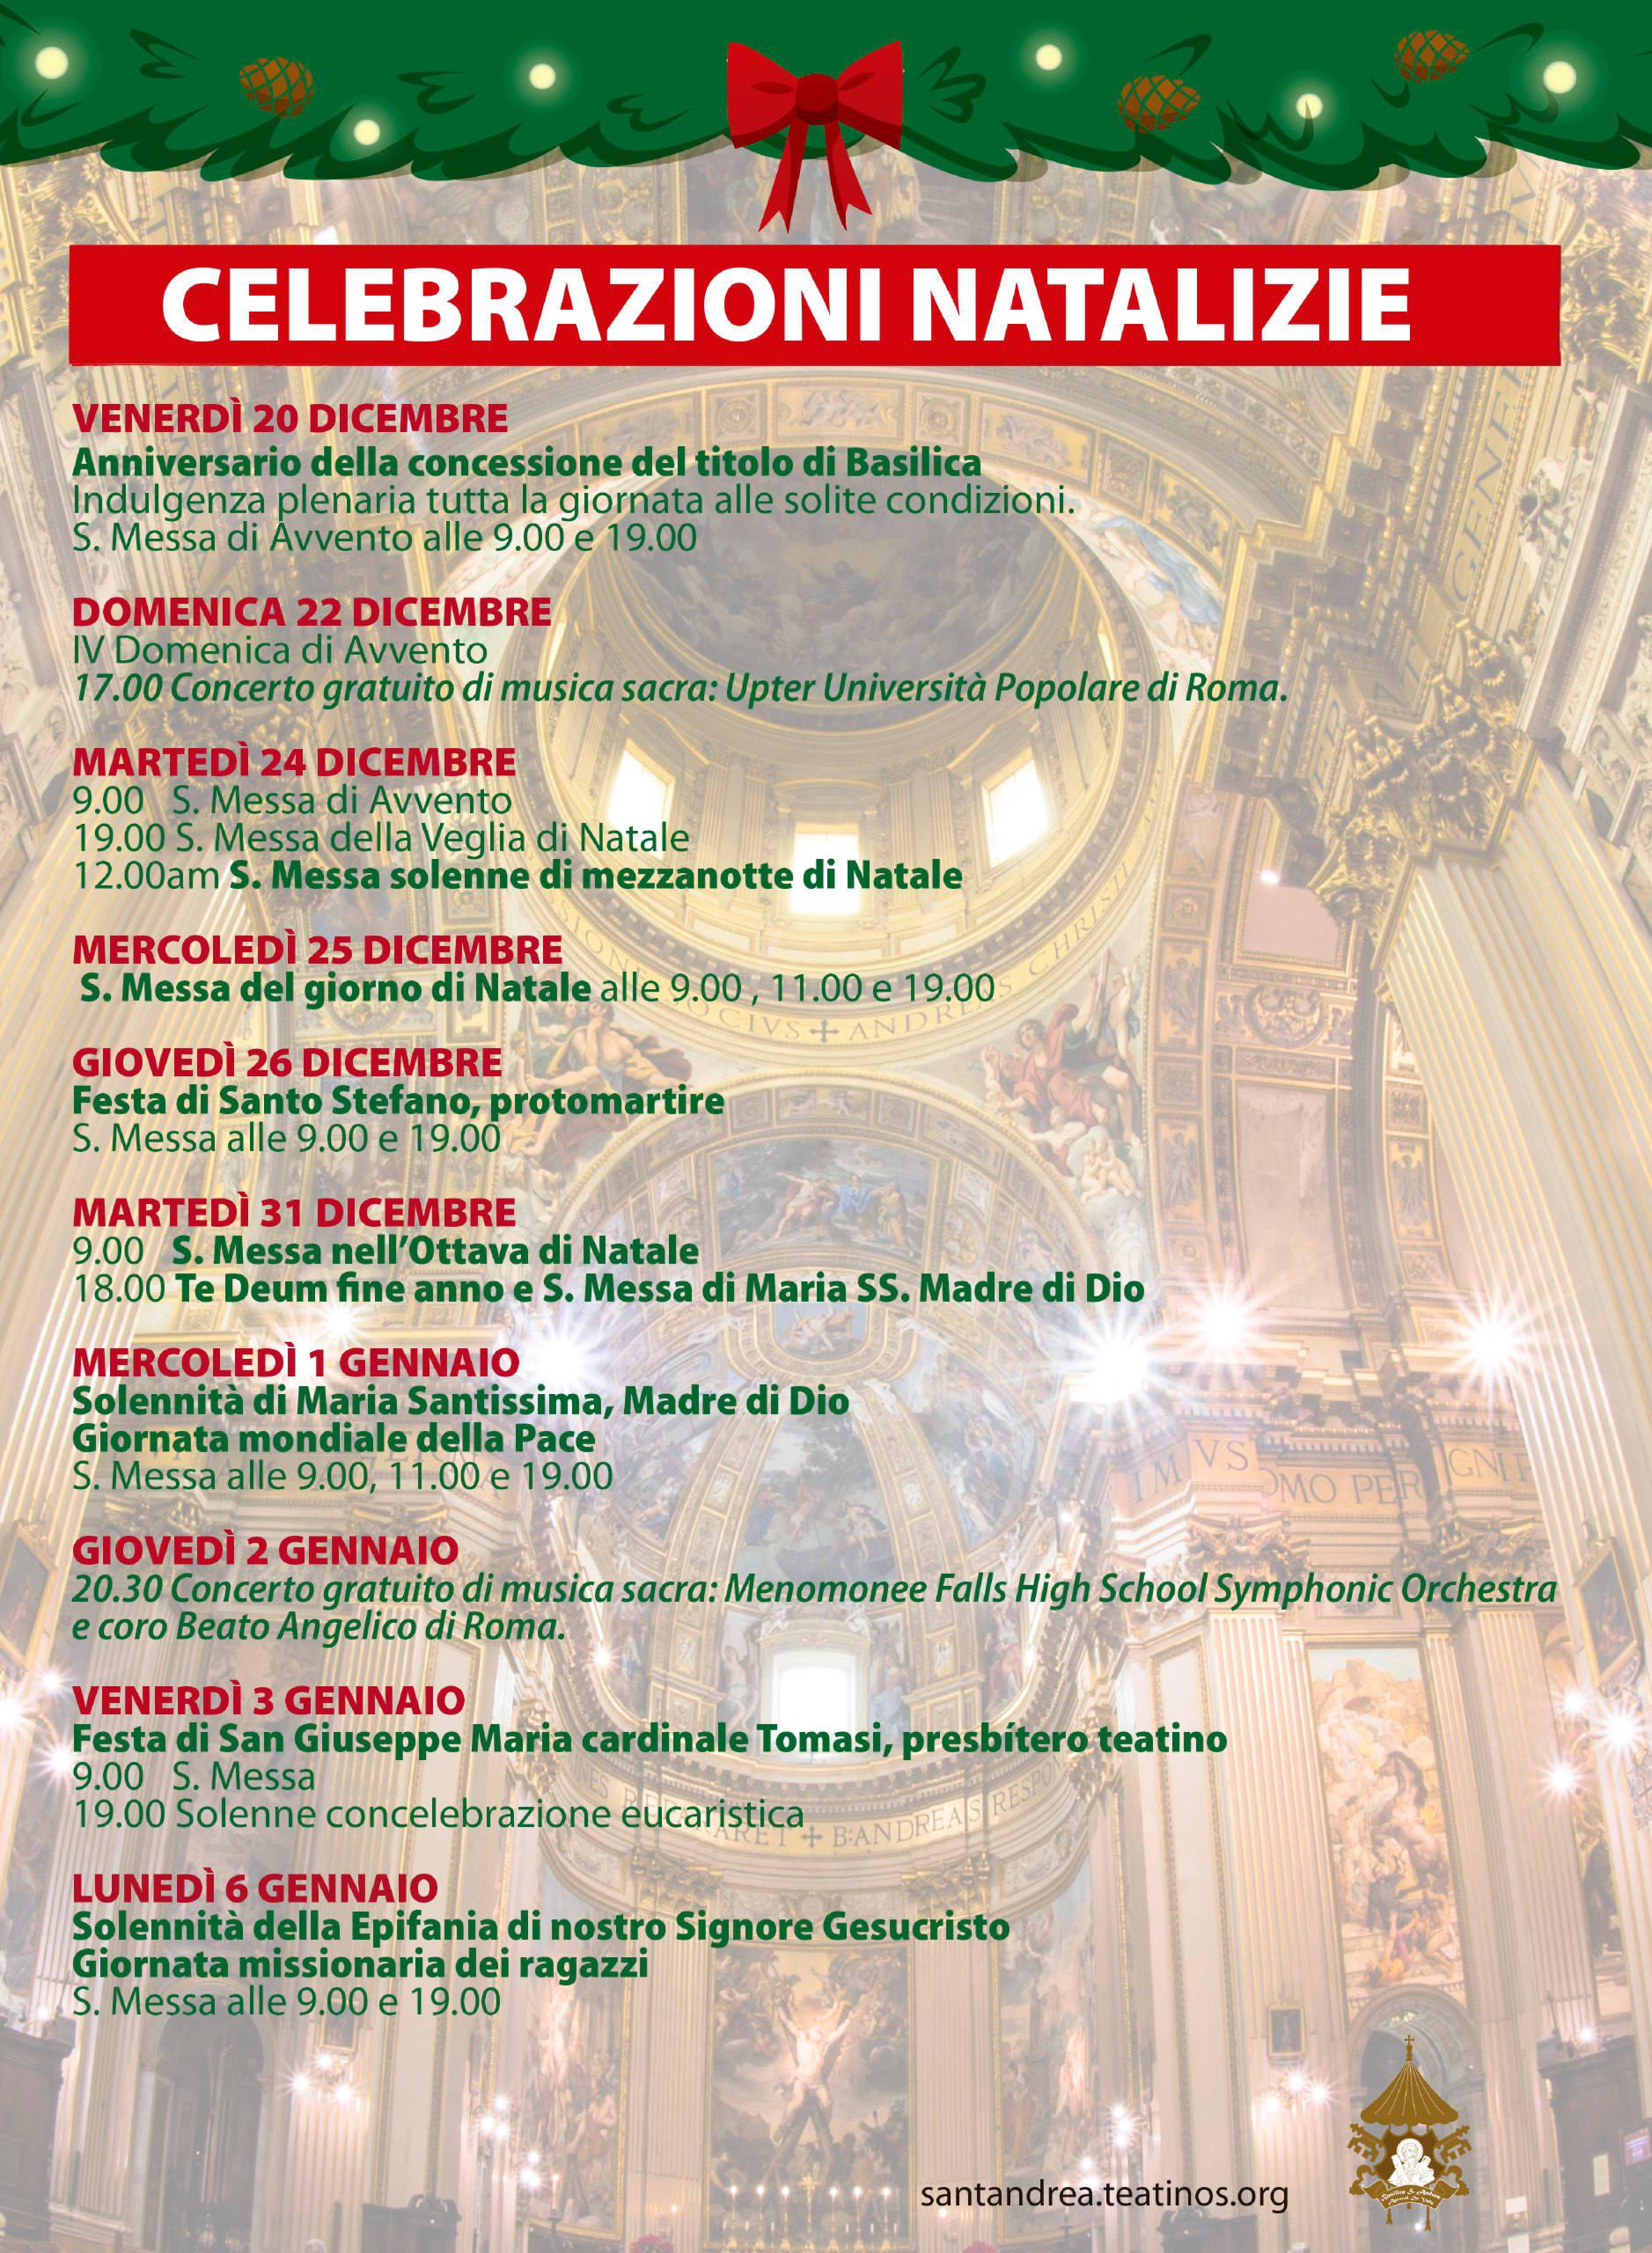 Celebrazioni Natalizie (2019)